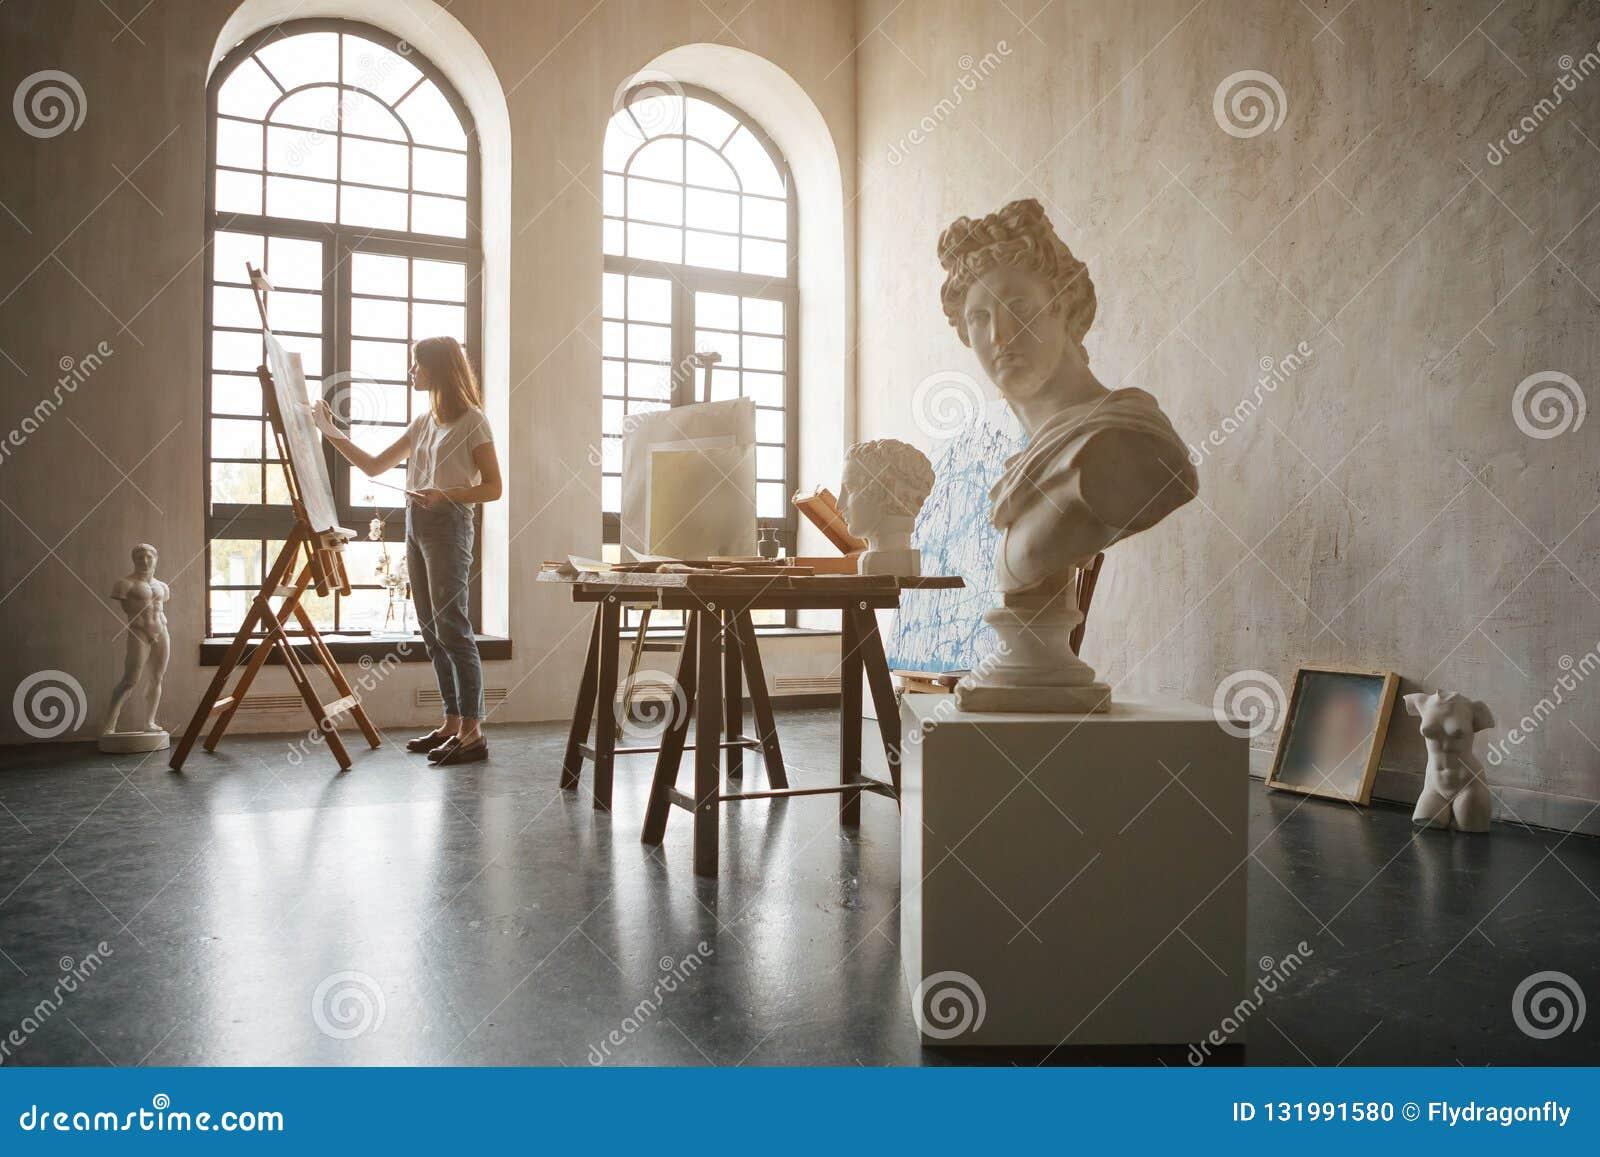 Художник девушки работая в комнате света мастерской Создание изображения Работа с красками, щетками и мольбертом творческо